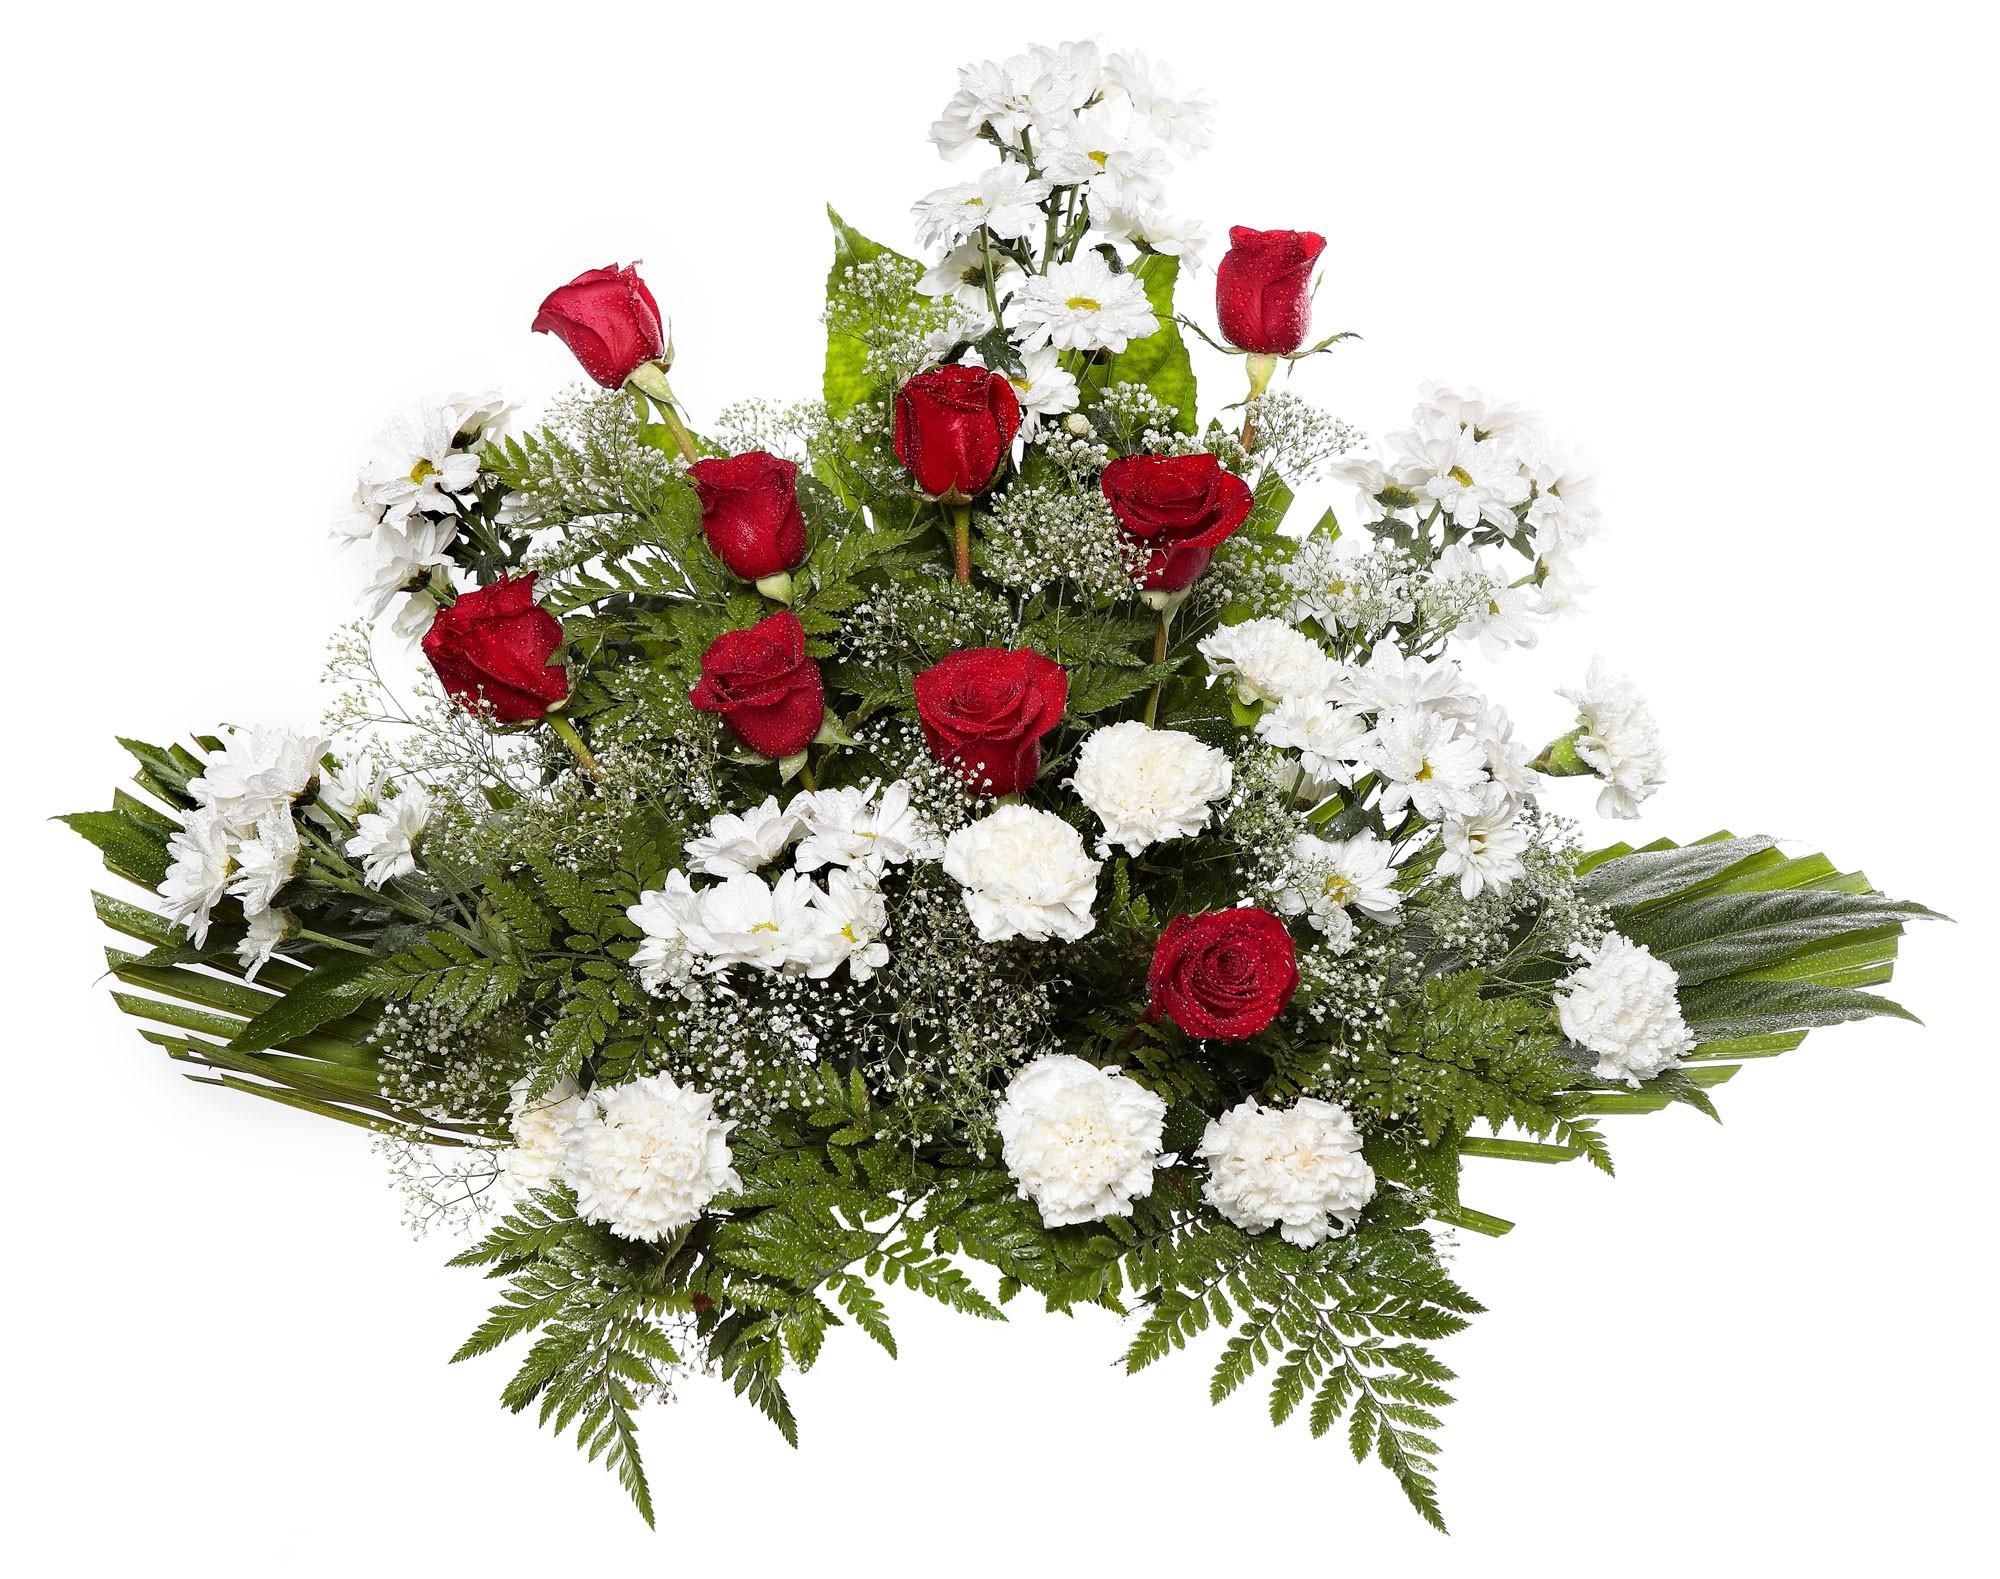 Centro flores modelo 1 tanatorio